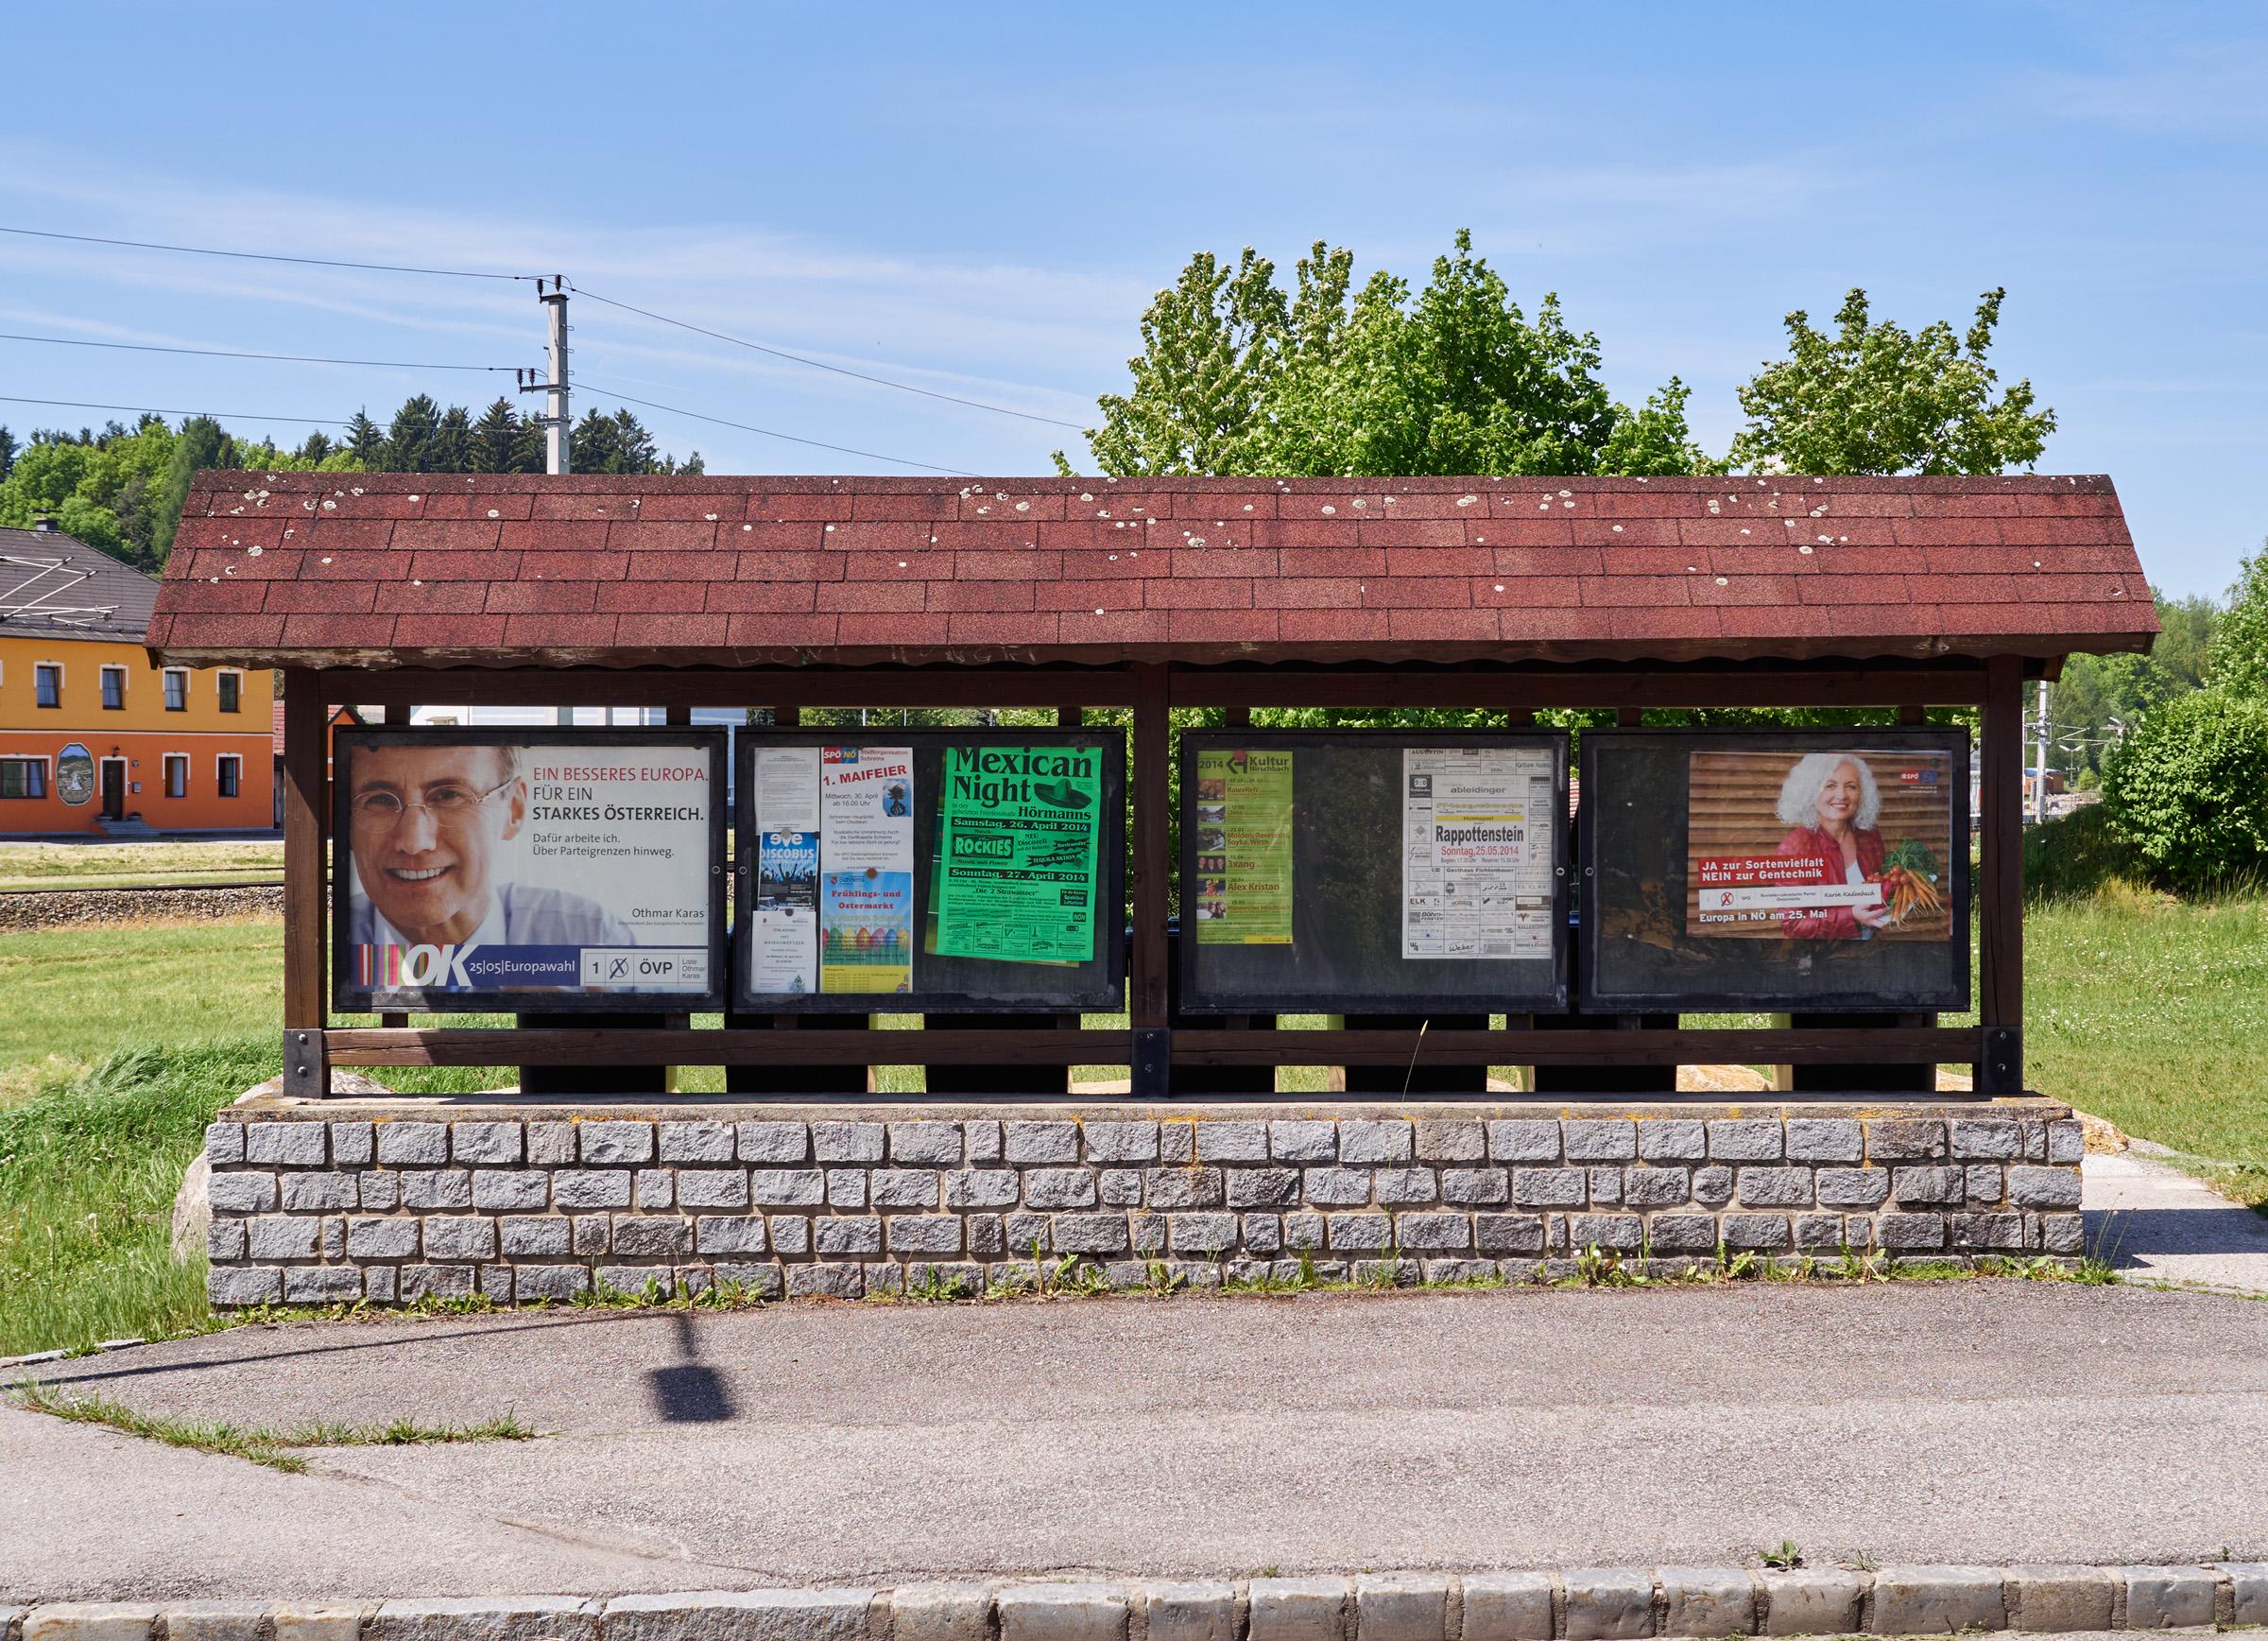 Pürbach nah 2014-05-21.jpg